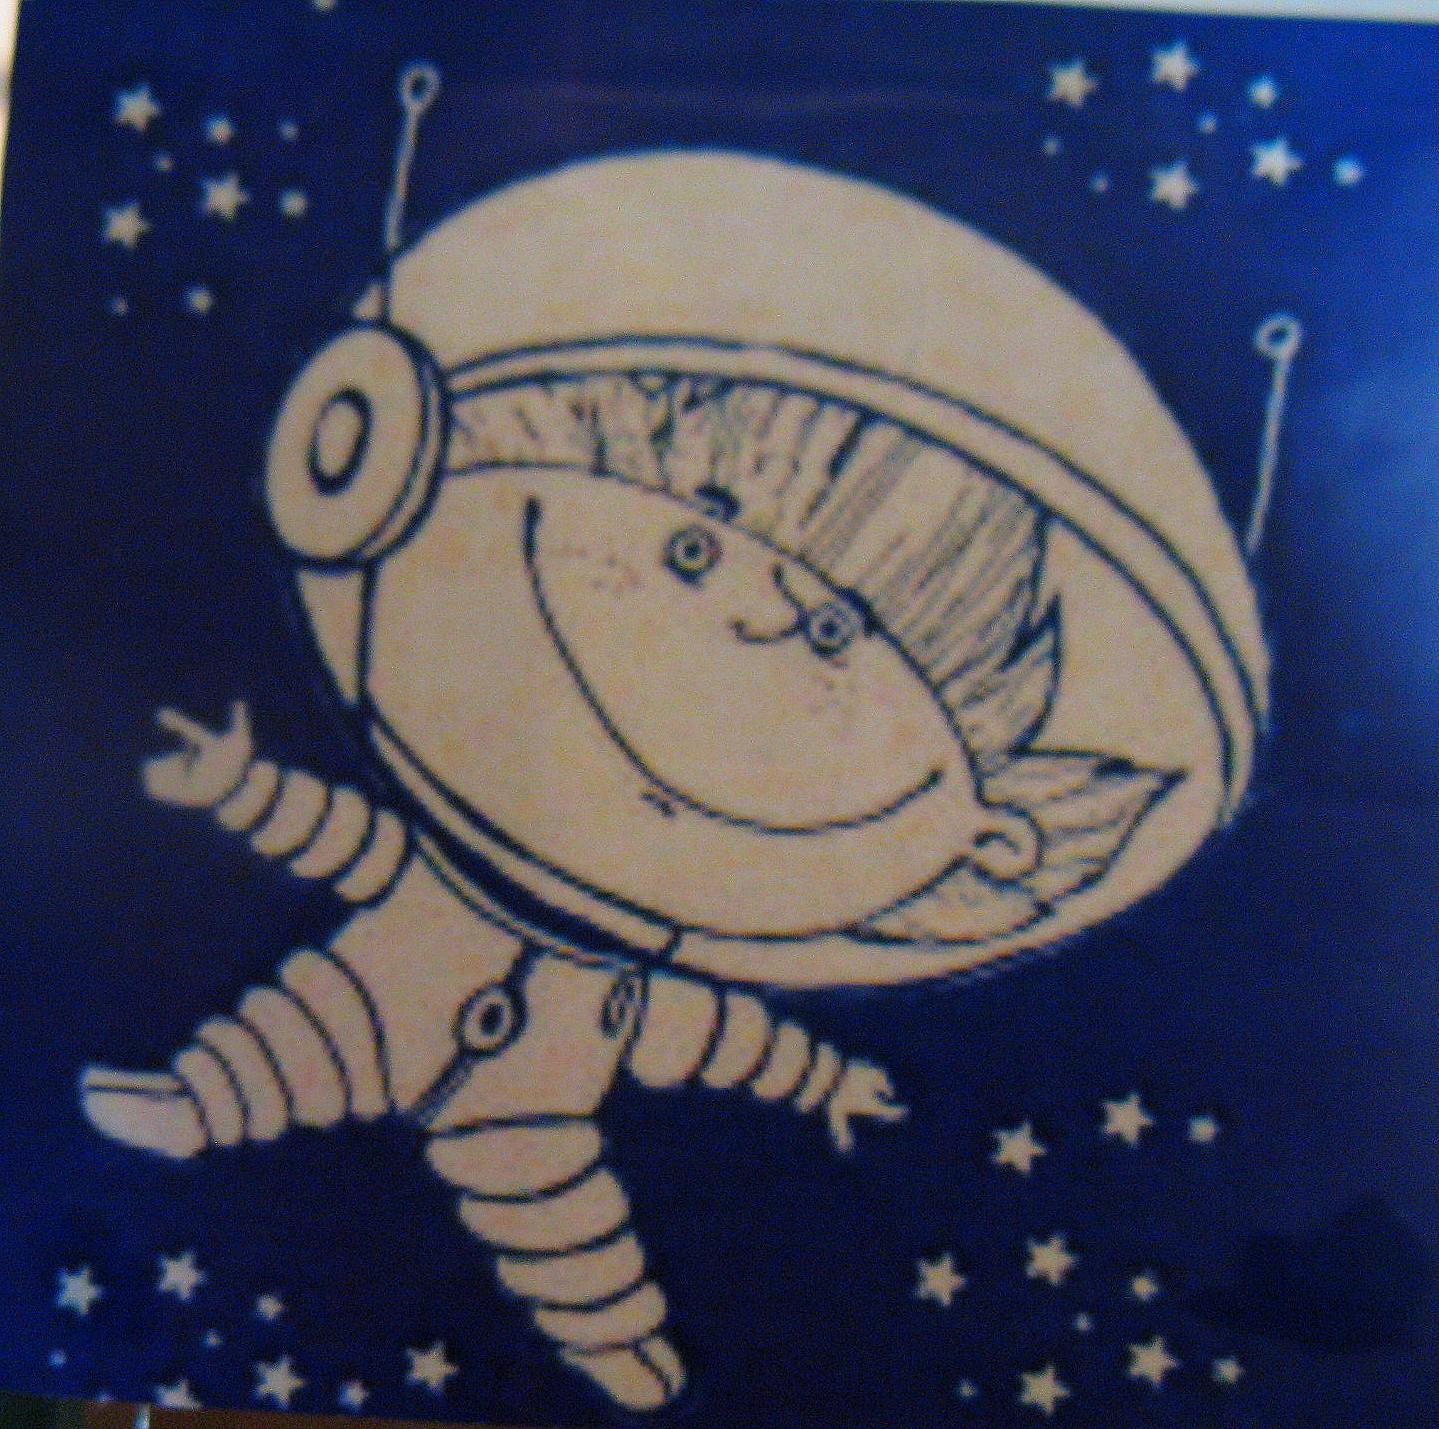 kosmonaut.jpg